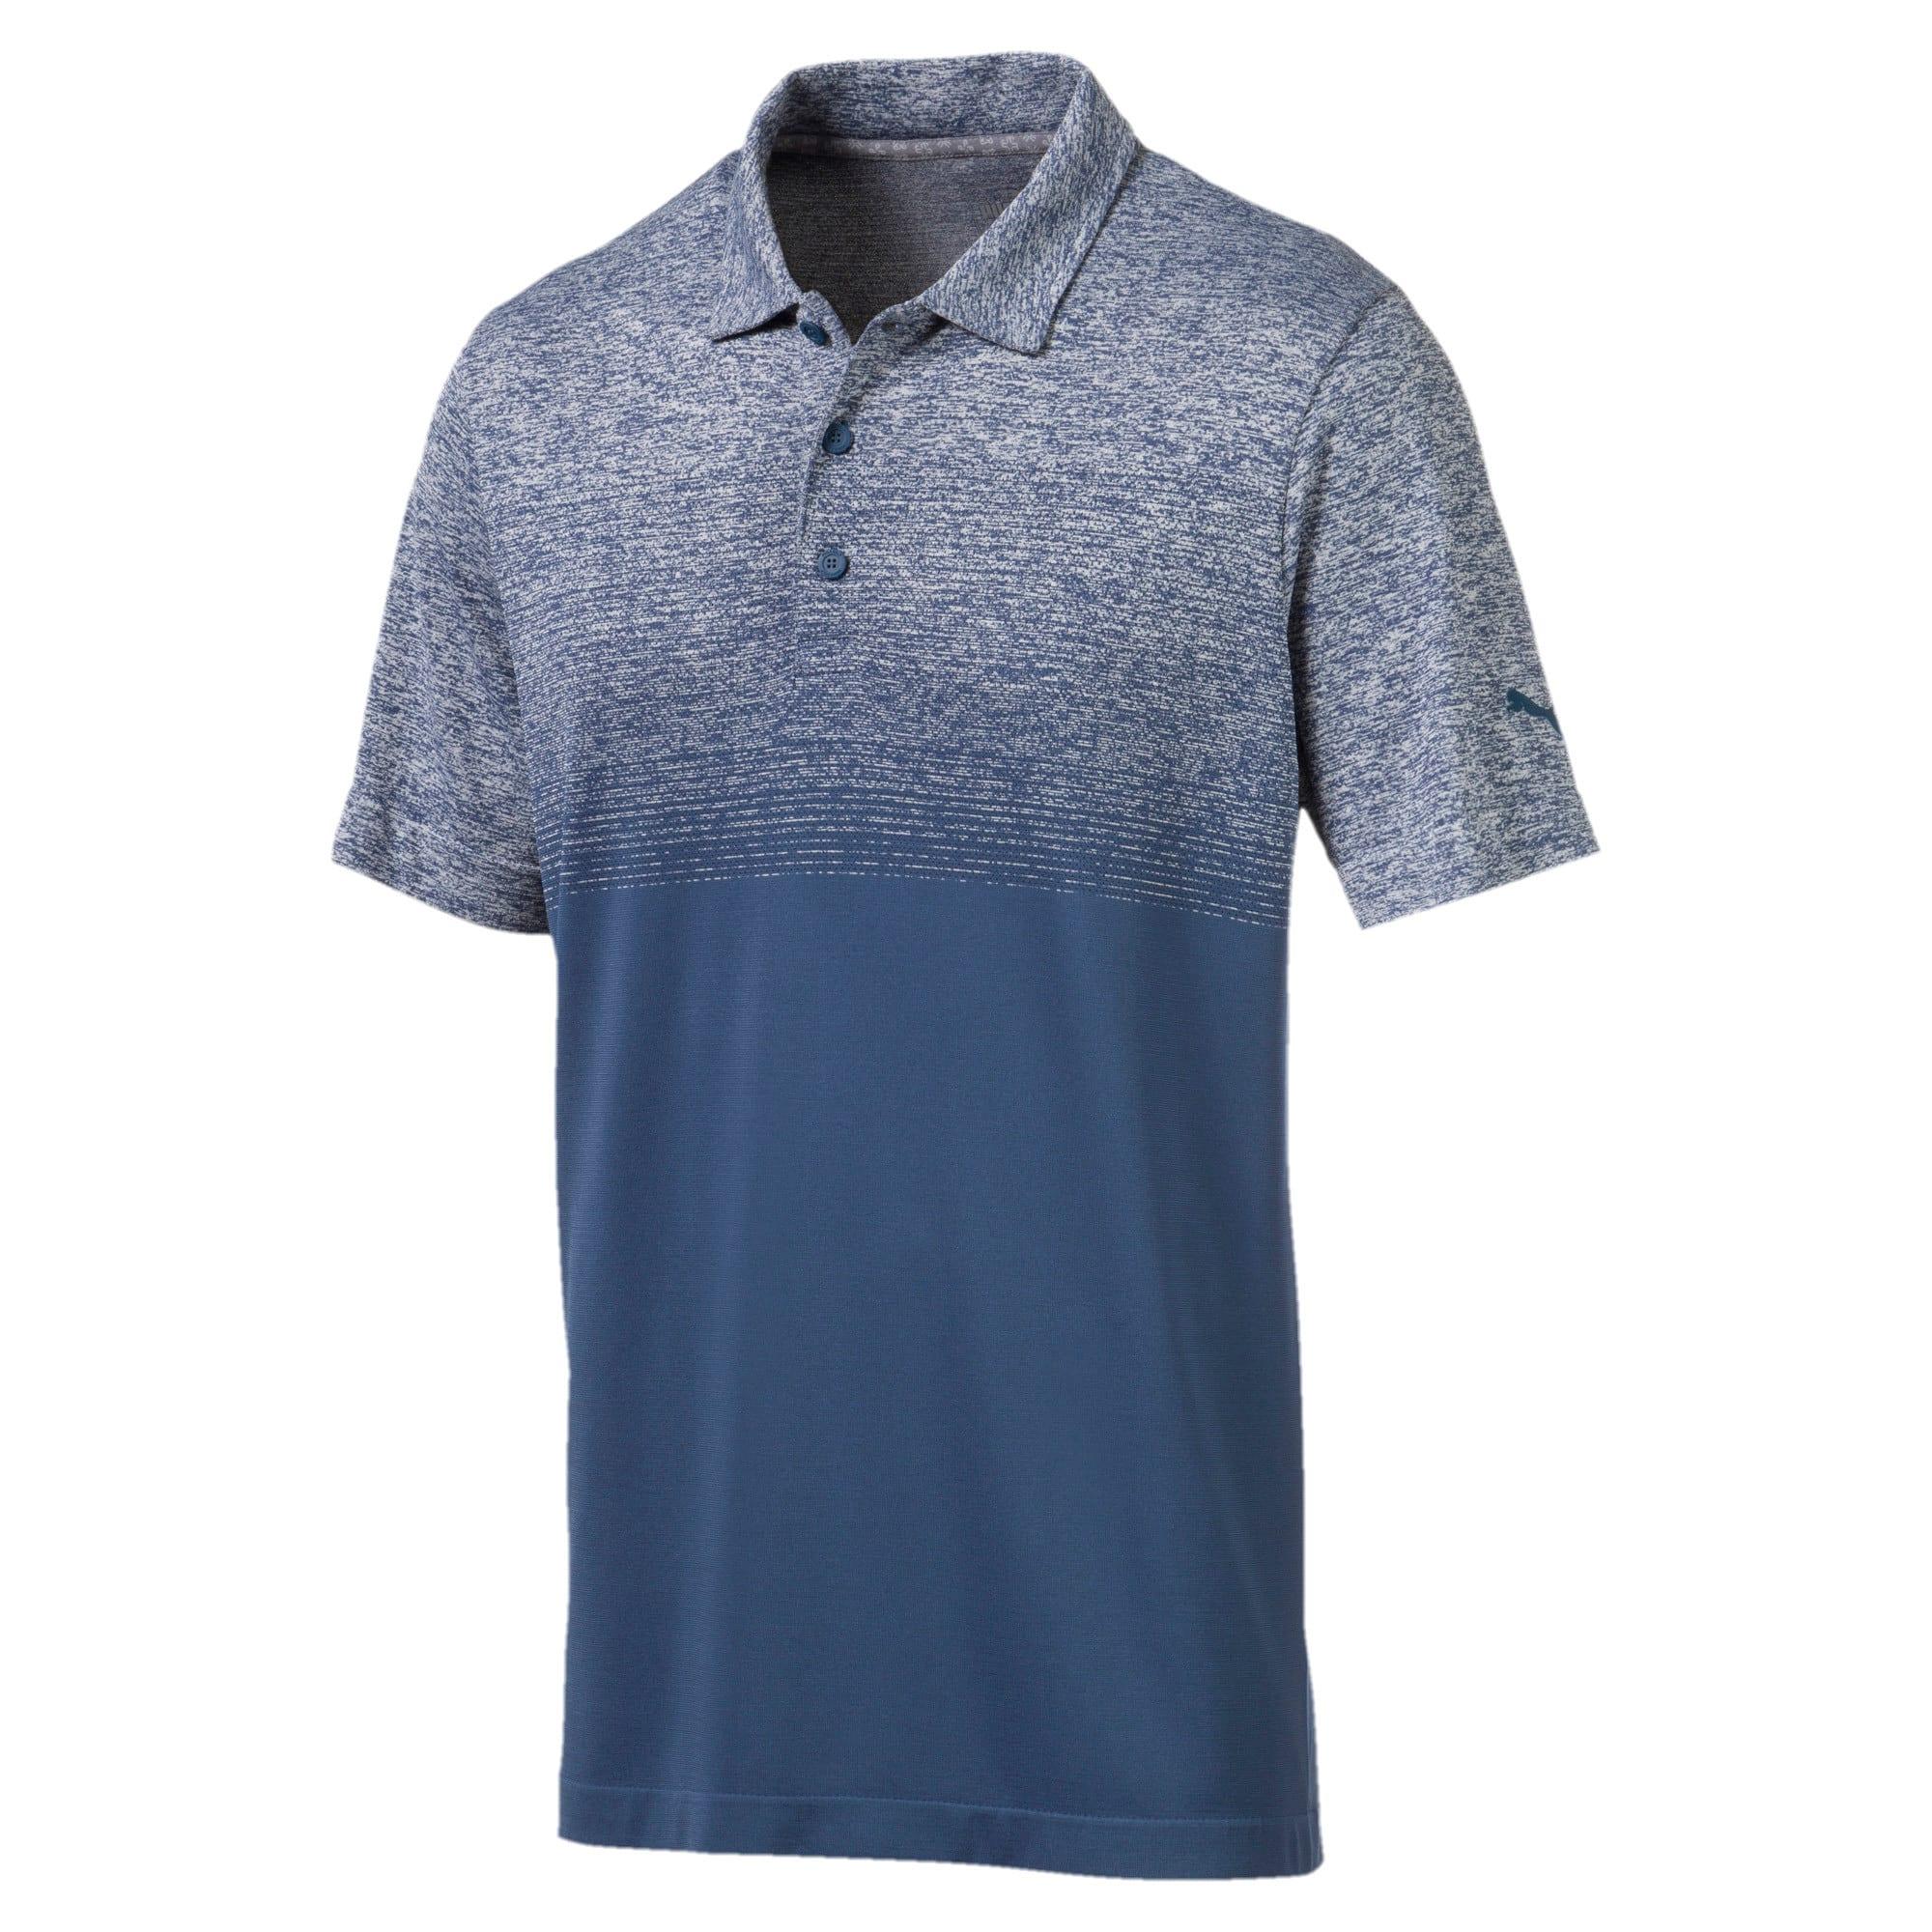 Miniatura 1 de Camiseta tipo polo evoKNIT Ombre para hombre, Gibraltar Sea, mediano